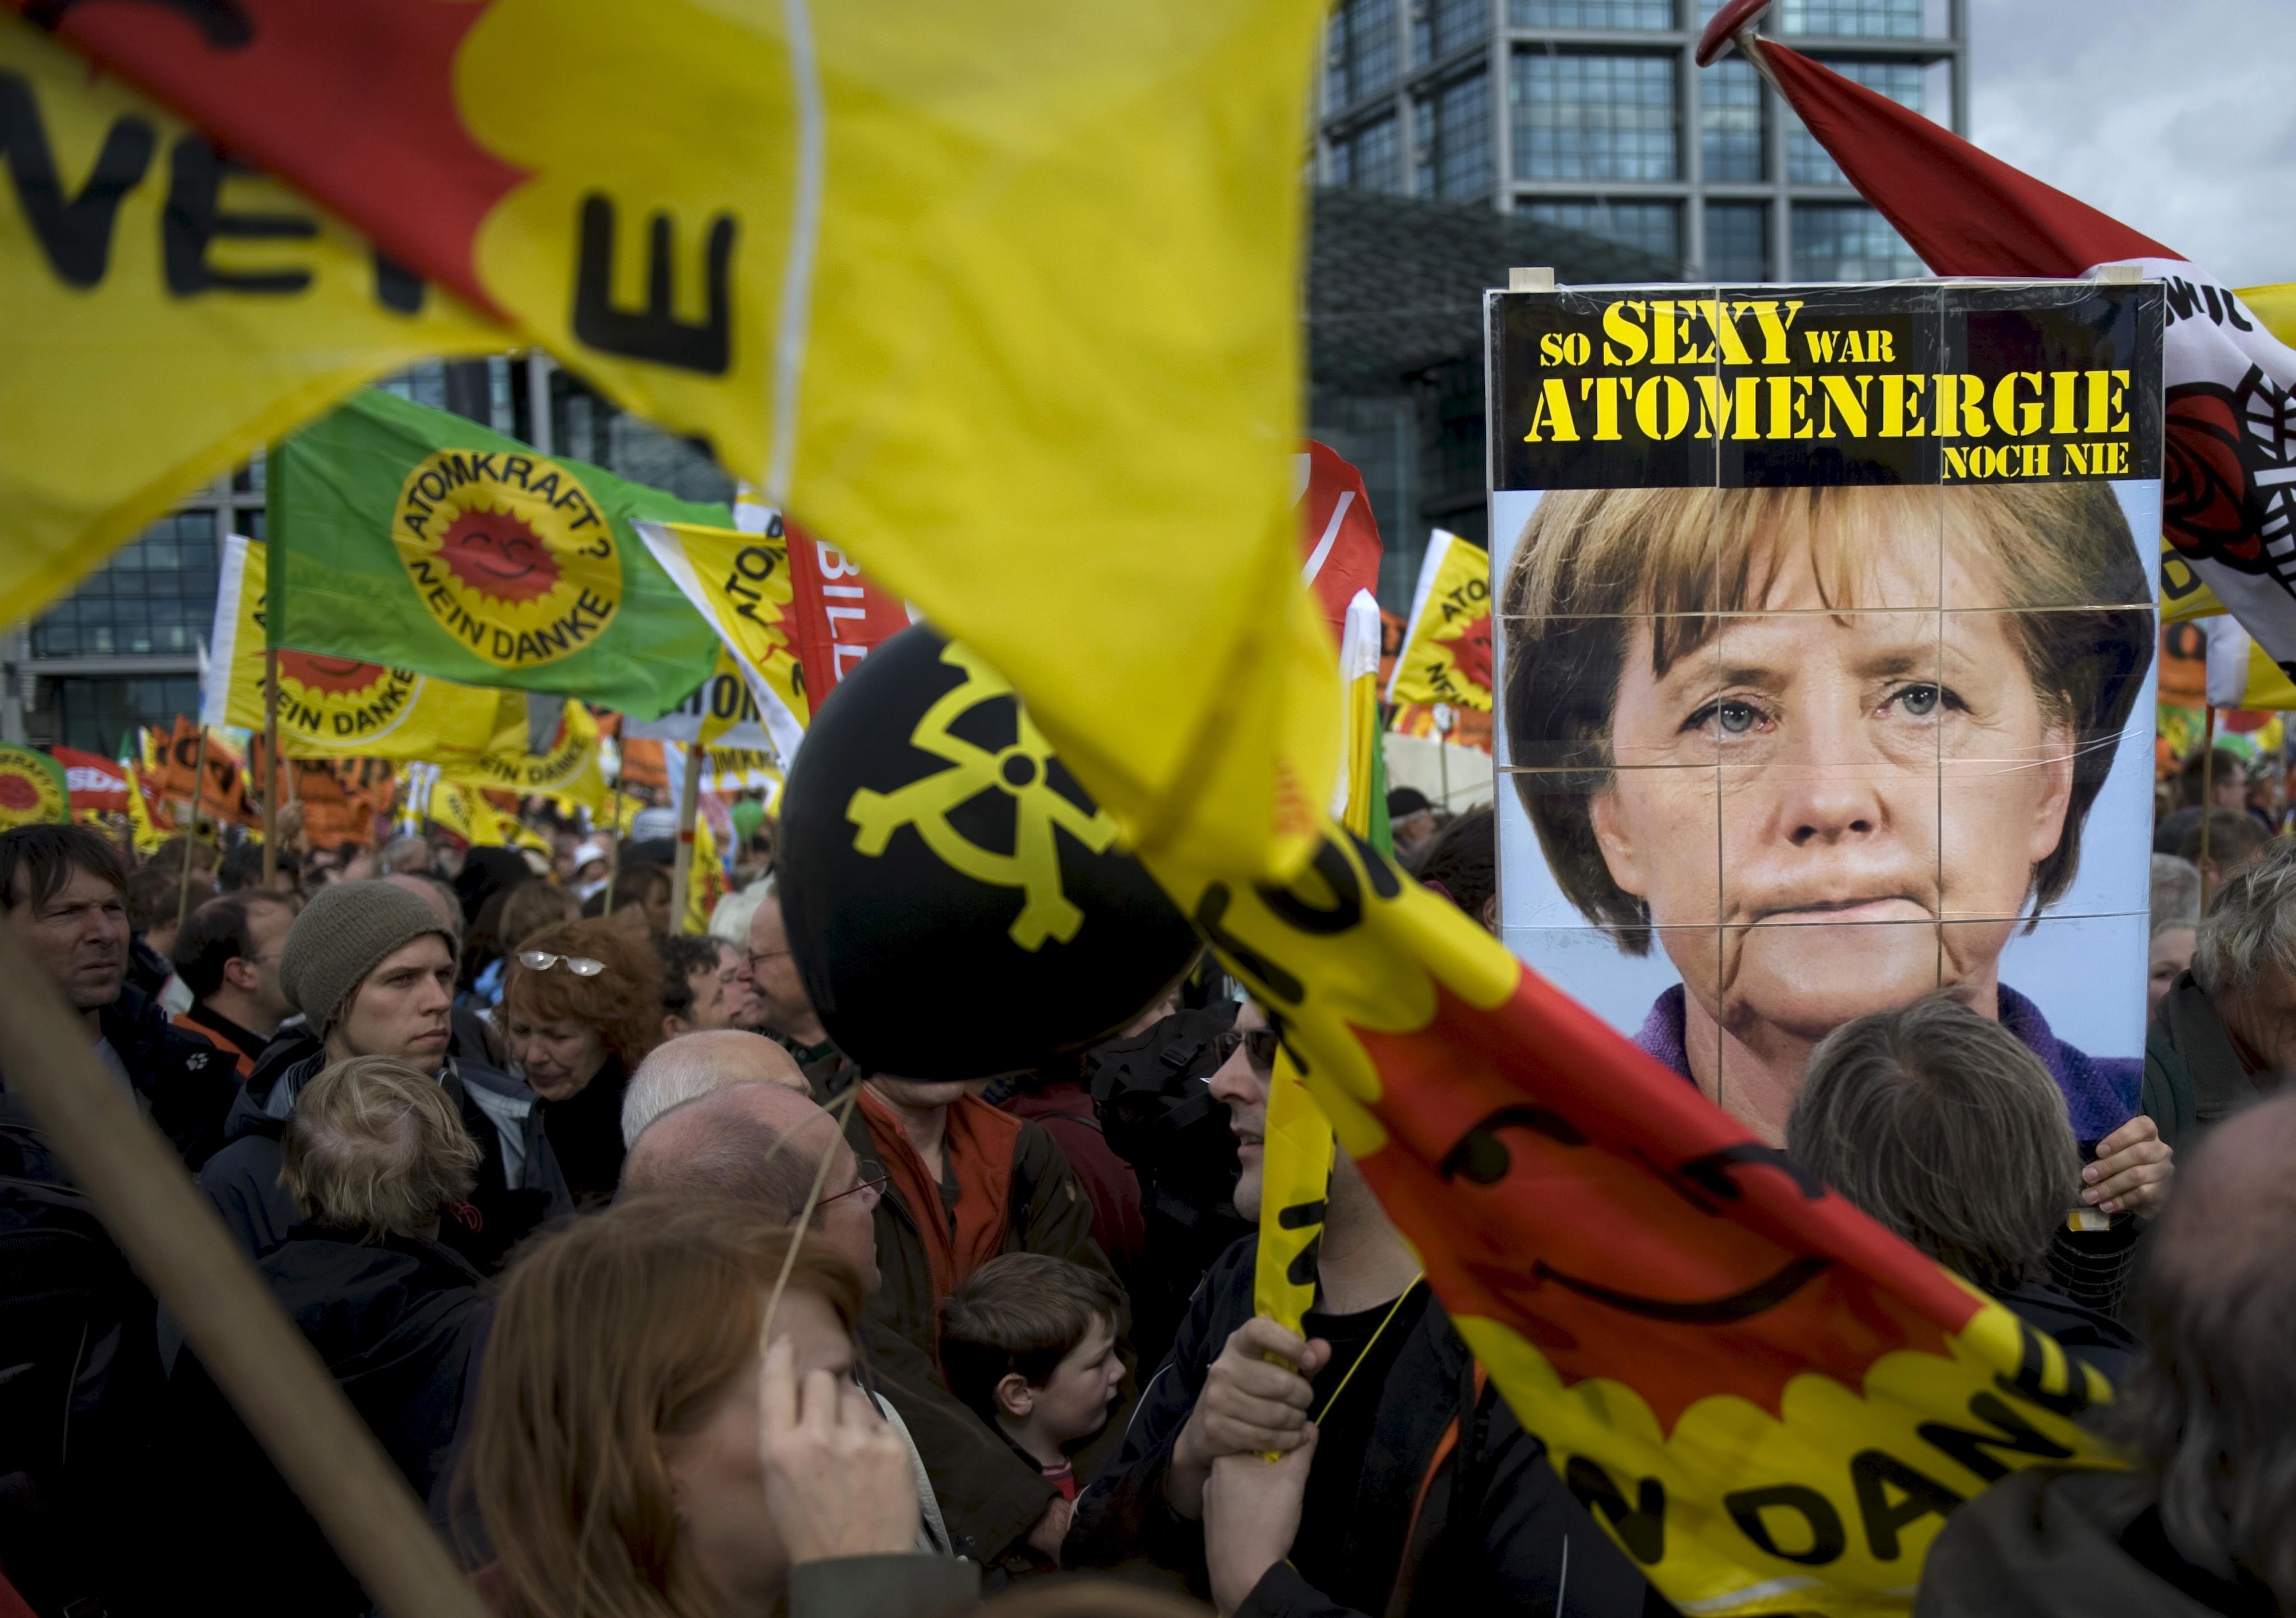 Merkel et la sortie du nucléaire: politiquement brillant, écologiquement contestable